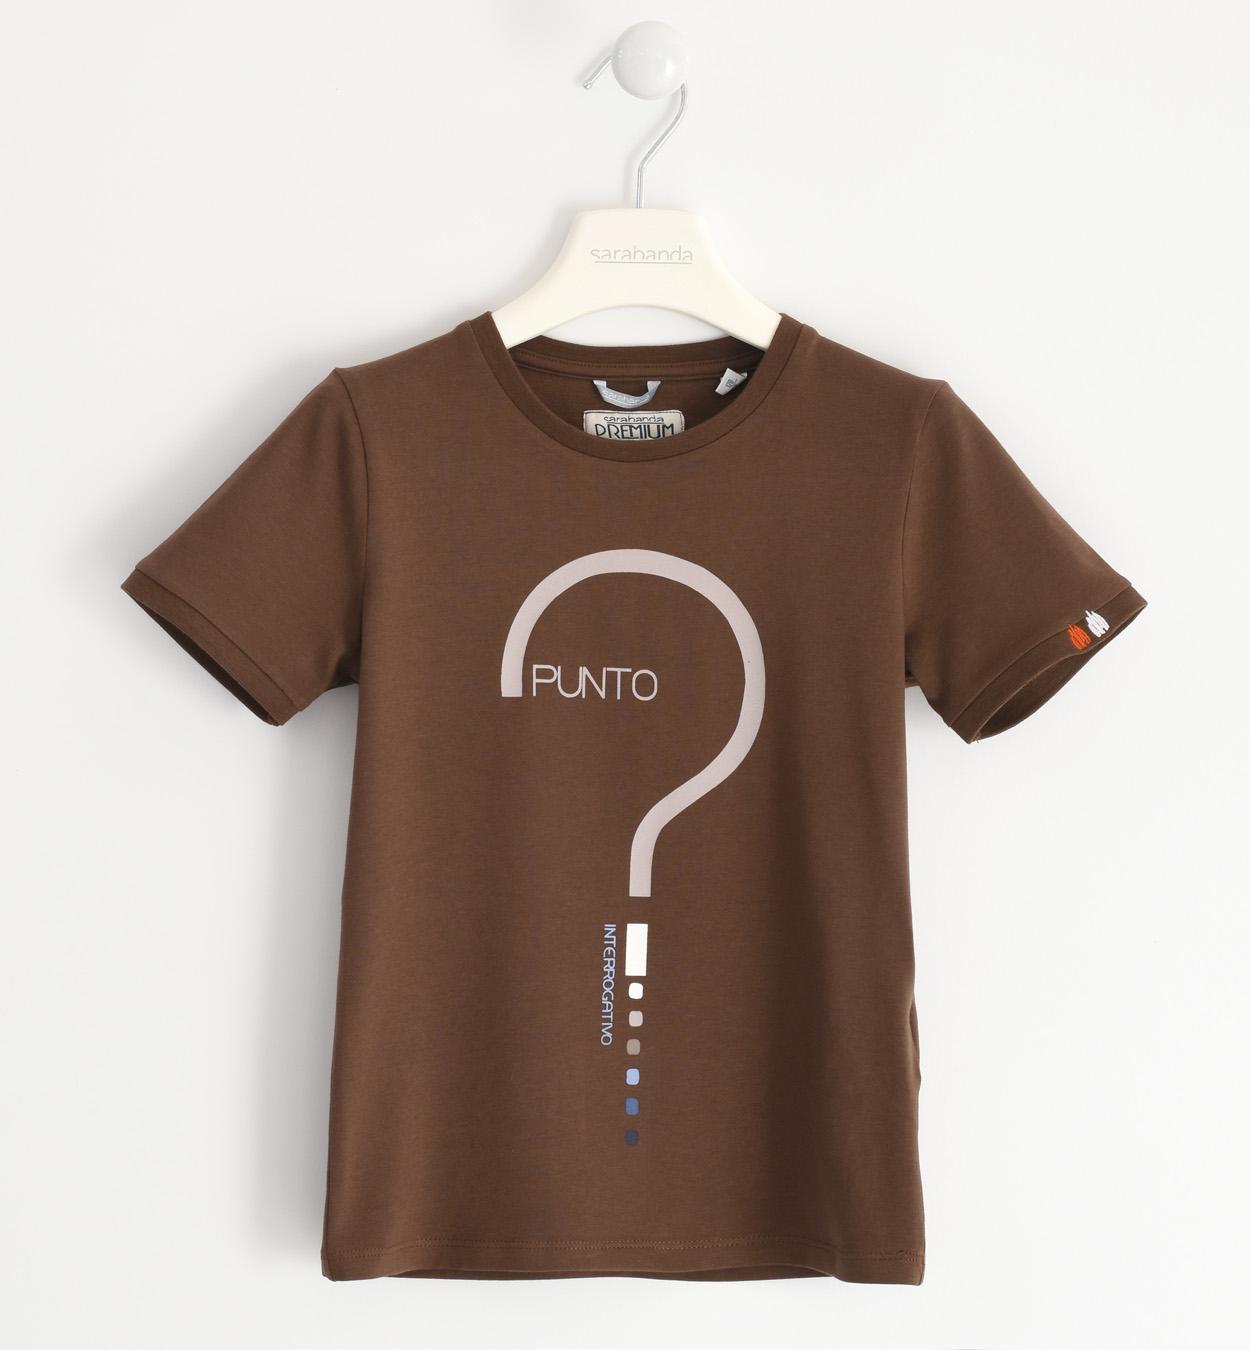 Sarabanda barna mintás pamut póló